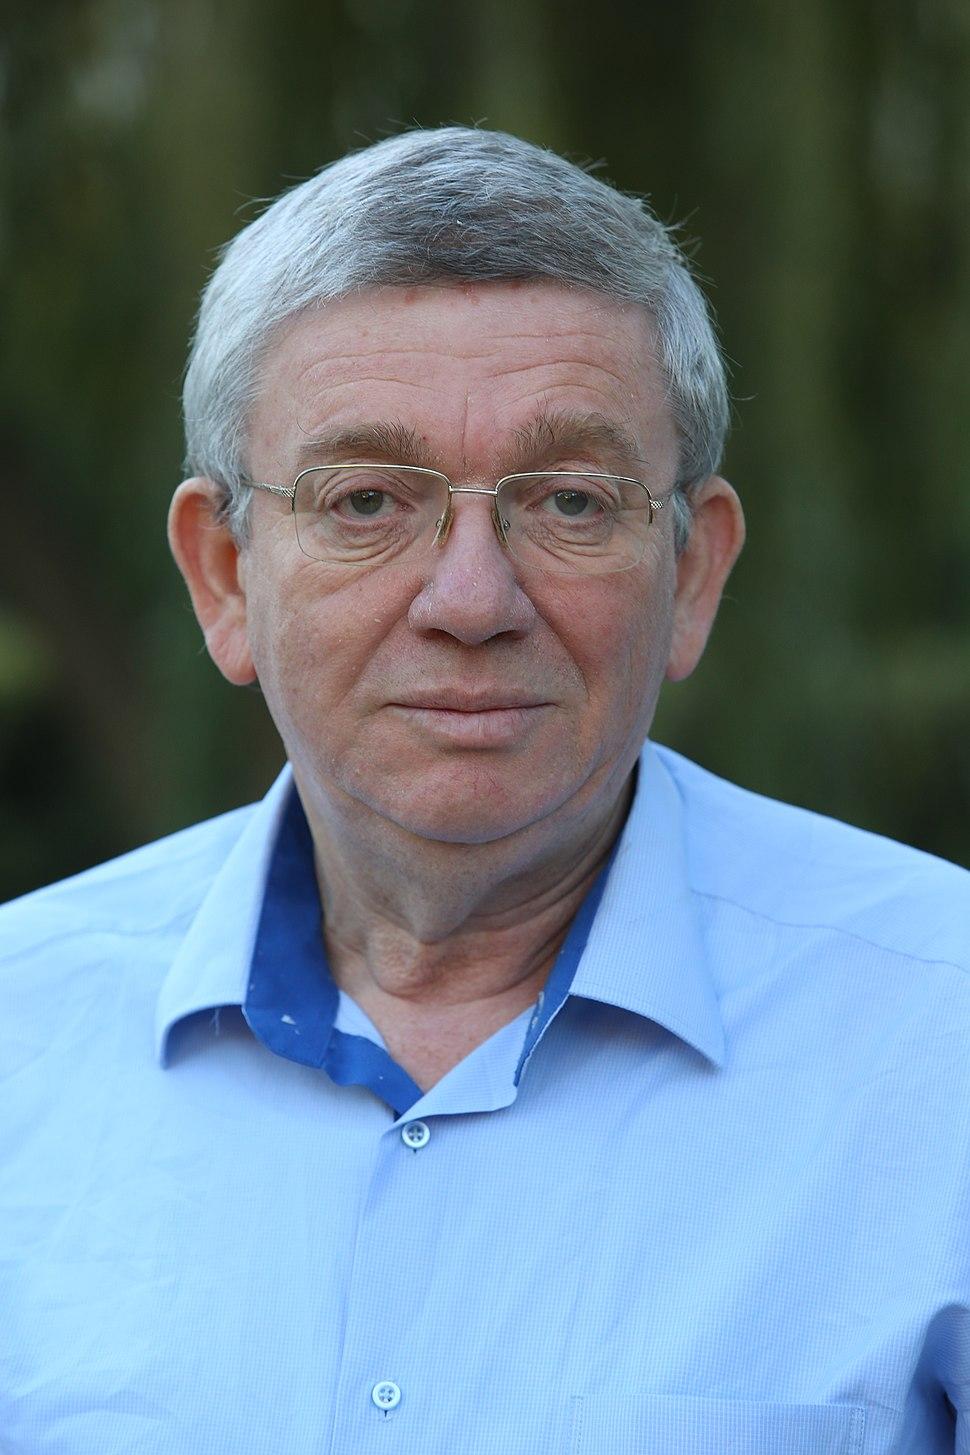 Avner Holtzman in 2015